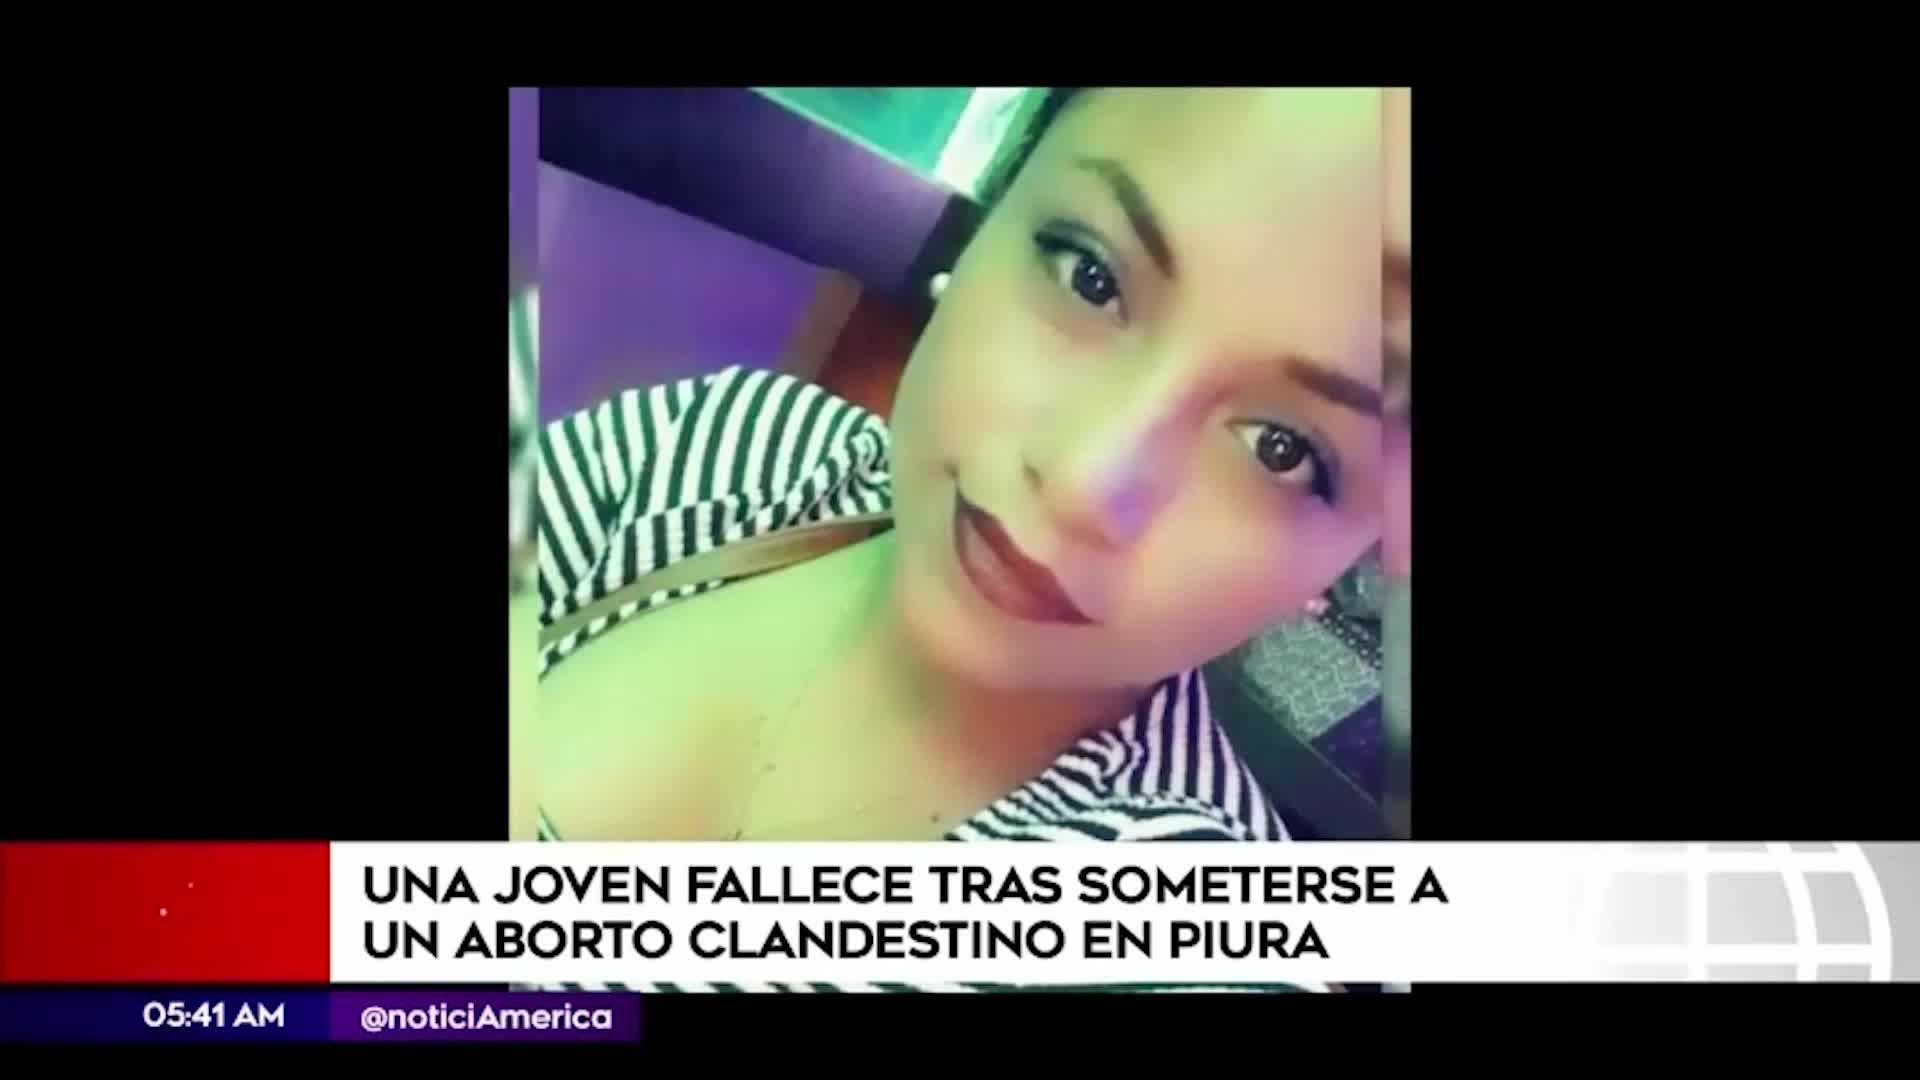 Una mujer de 29 años murió tras someterse a un aborto clandestino en Piura